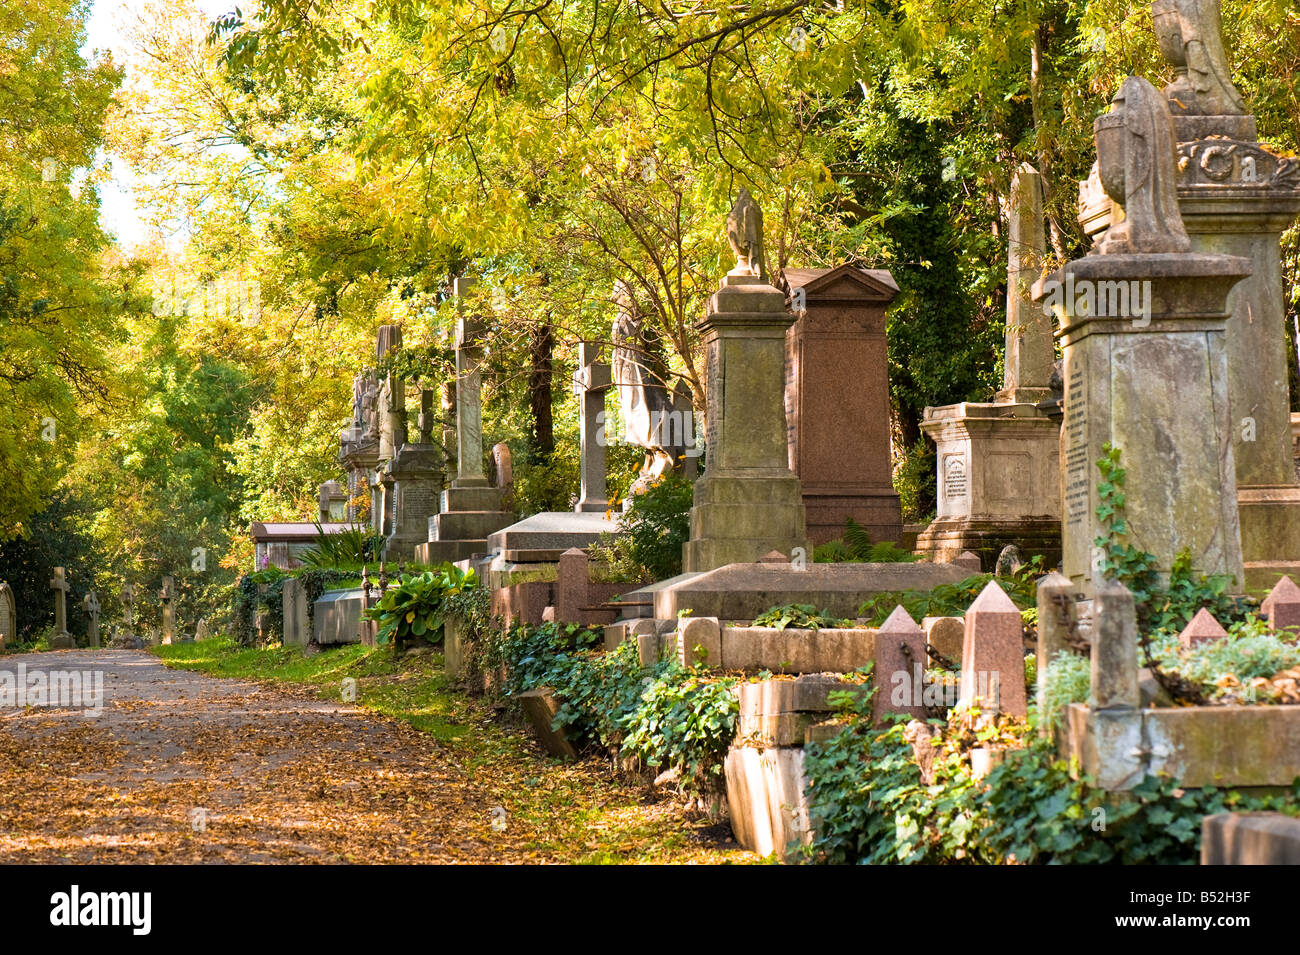 Highgate Cemetery Highgate N6 London United Kingdom - Stock Image